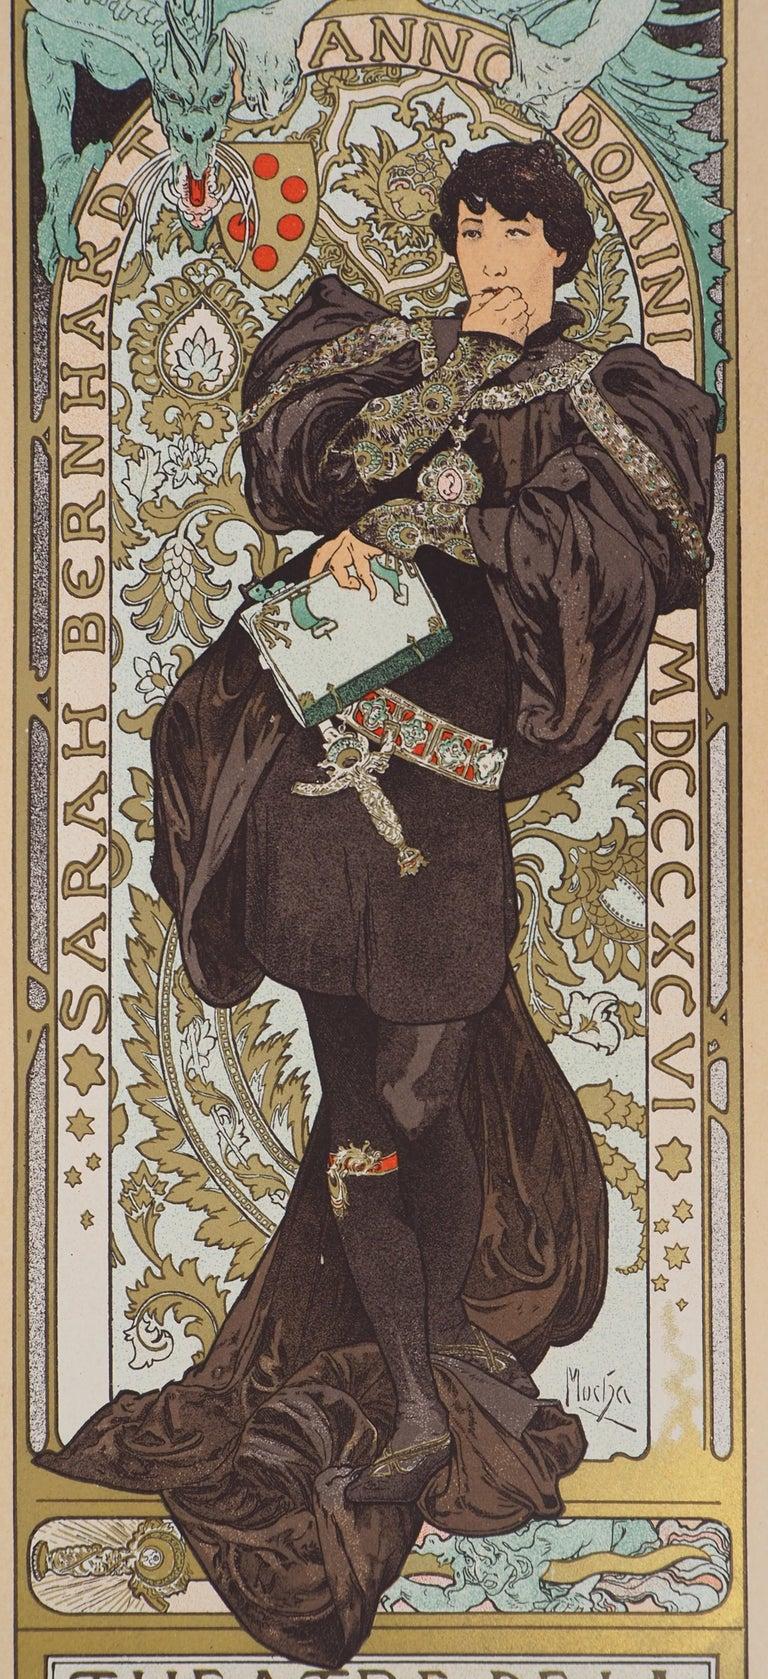 Lorenzaccio (Sarah Bernhardt) - Lithograph (Les Maîtres de l'Affiche), 1897 - Brown Figurative Print by Alphonse Mucha